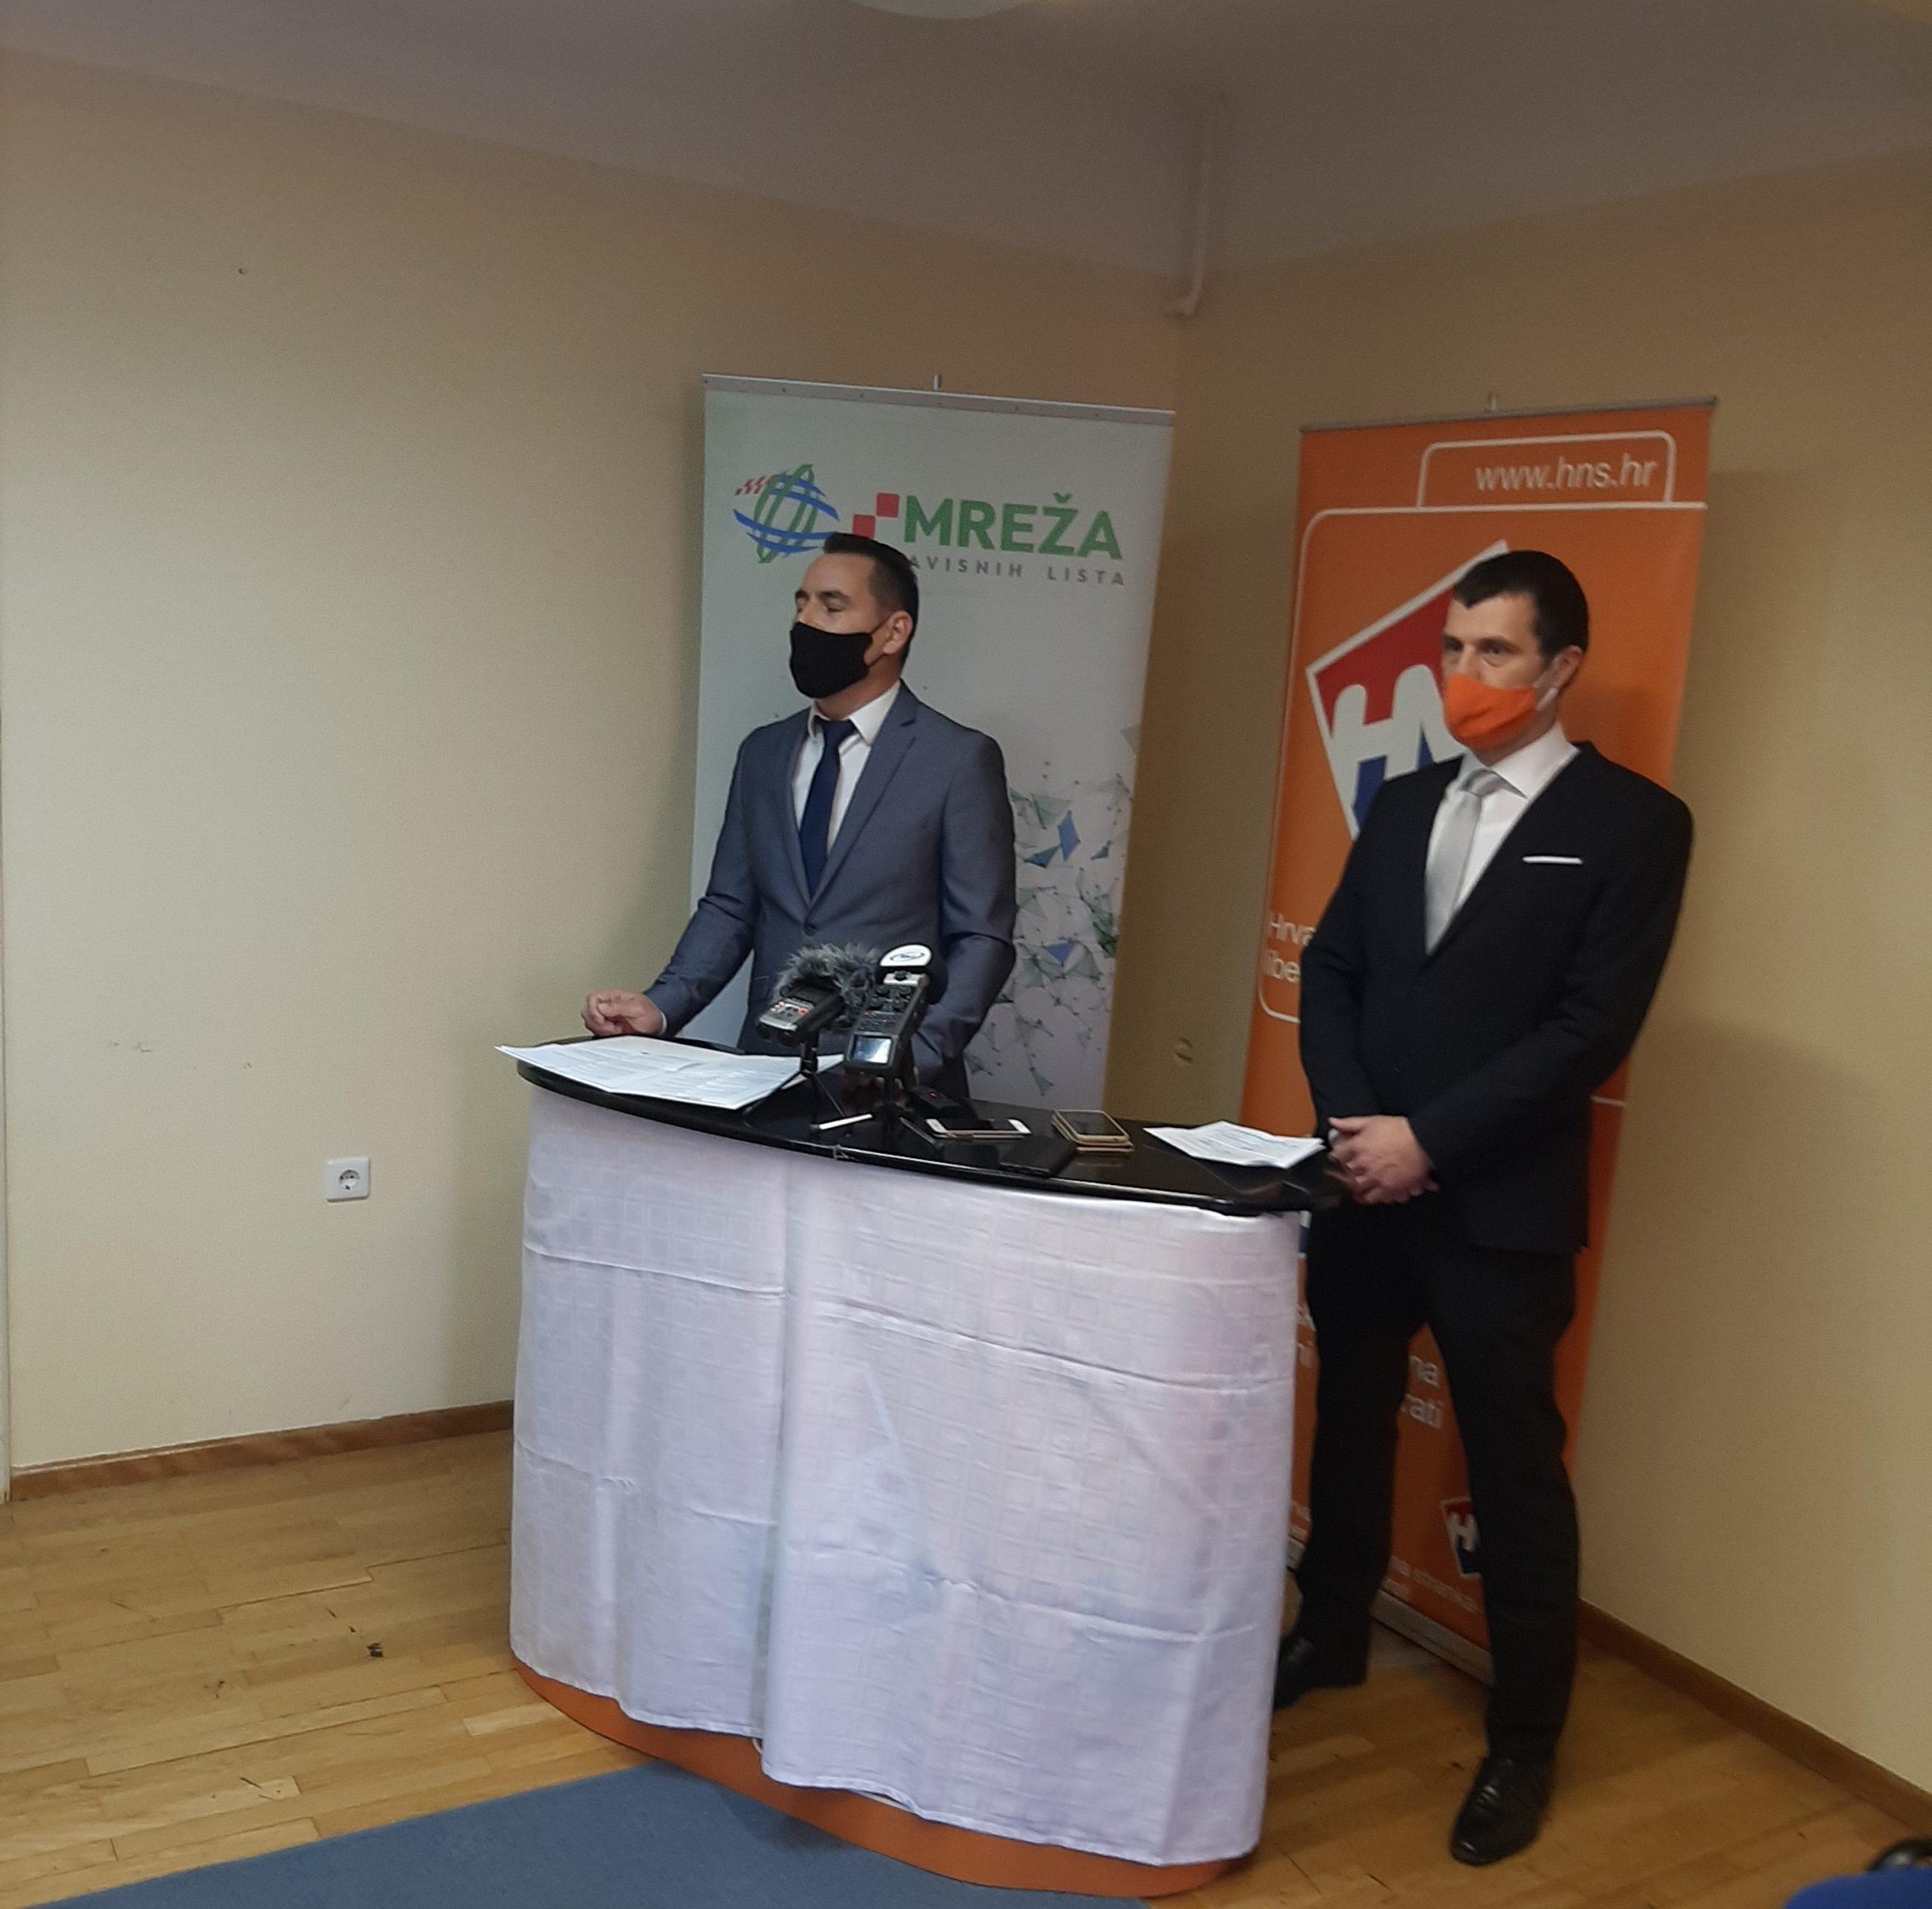 Predstavljen kandidat za gradonačelnika Koprivnice Ivica Suvalj (Mreža) i kandidat za zamjenika gradonačelnika Goran Pakasin (HNS)